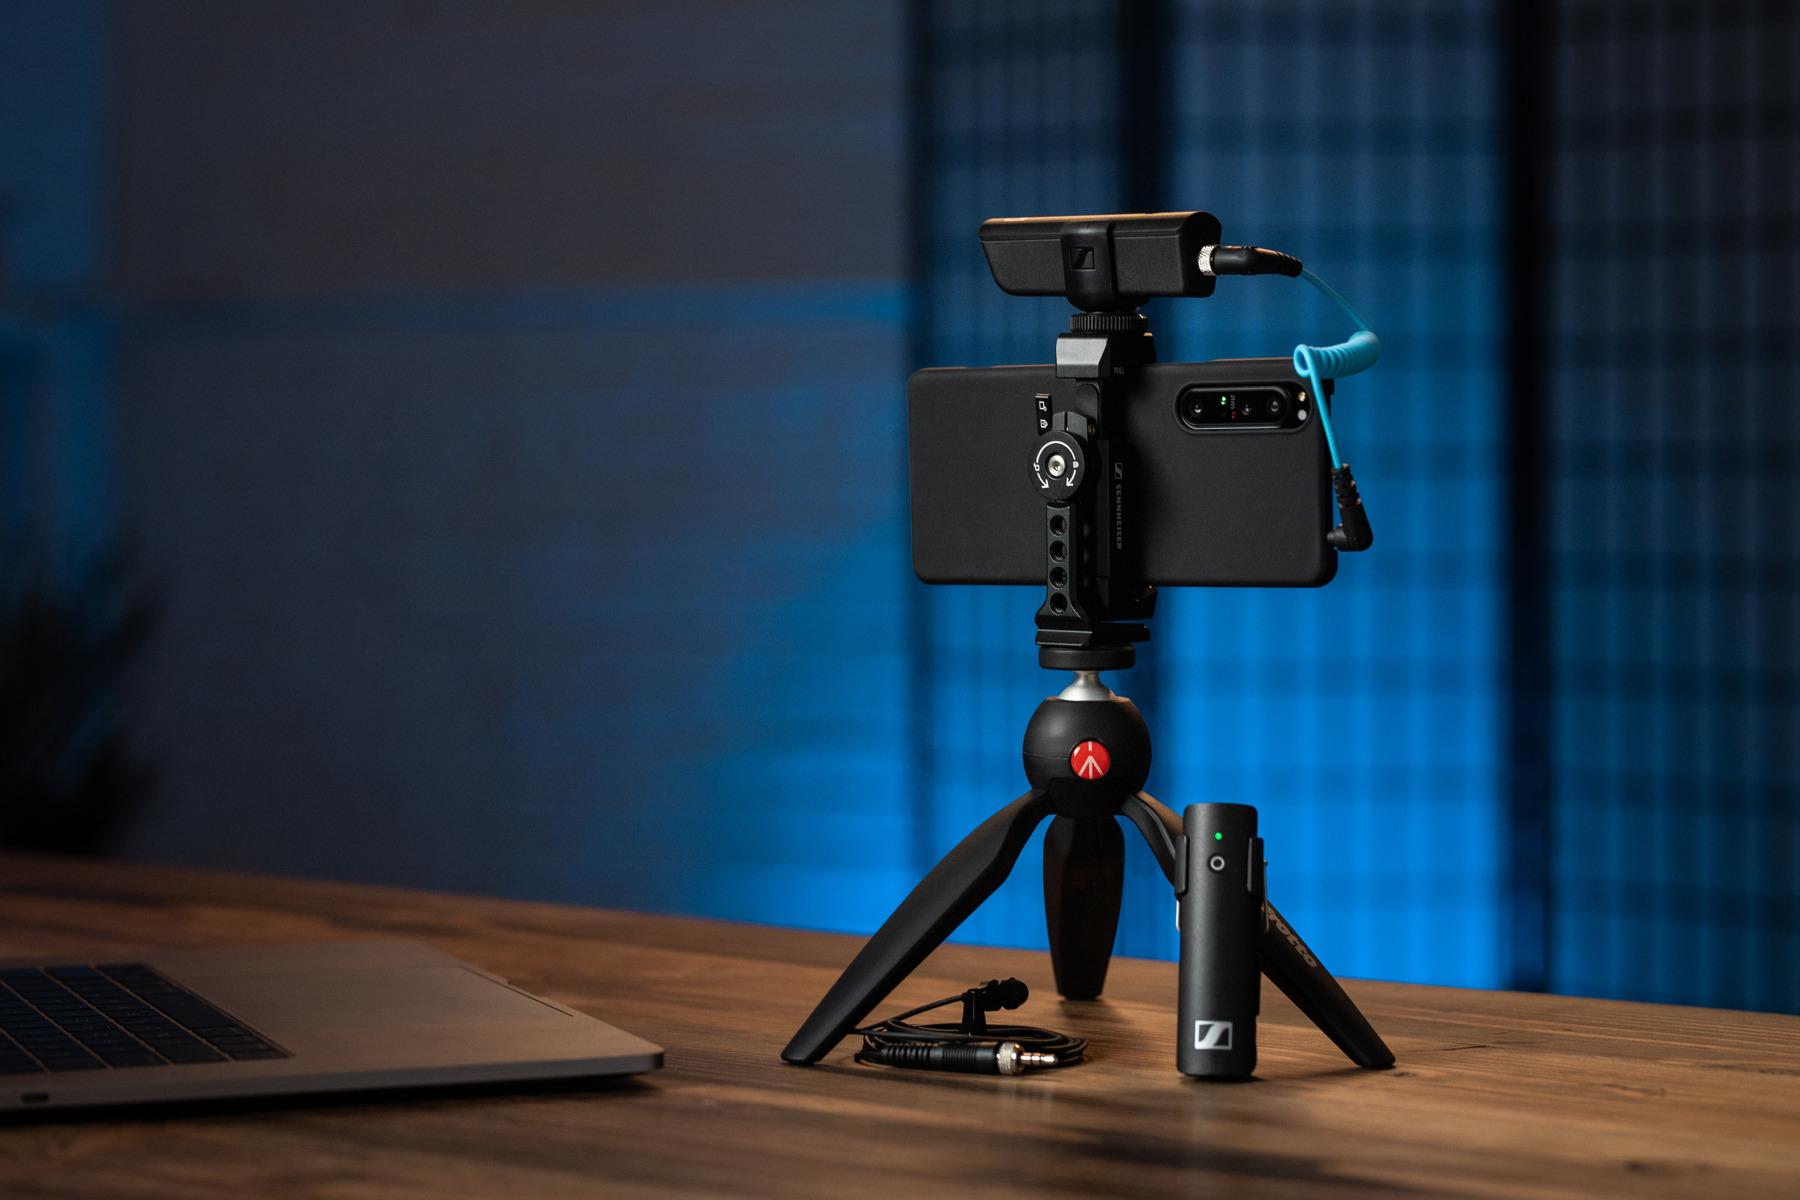 Eenvoudige en doeltreffende audio-oplossing voor vloggers en podcasters